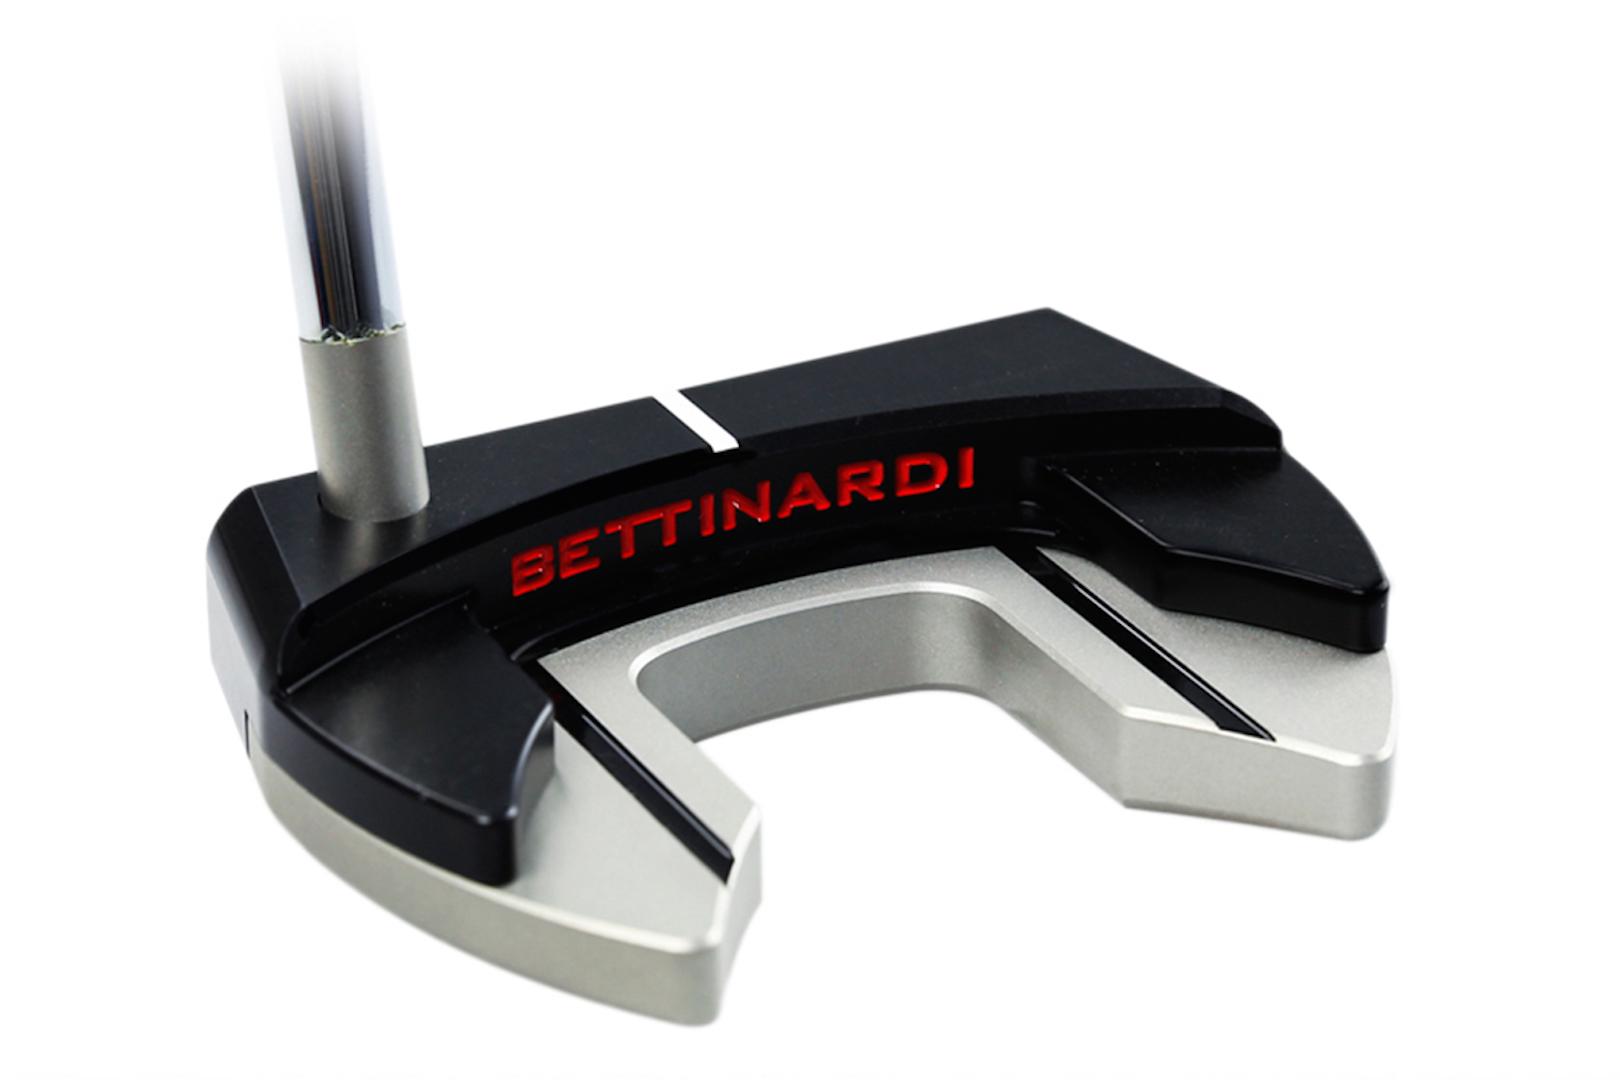 The Bettinardi Inovai 3.0